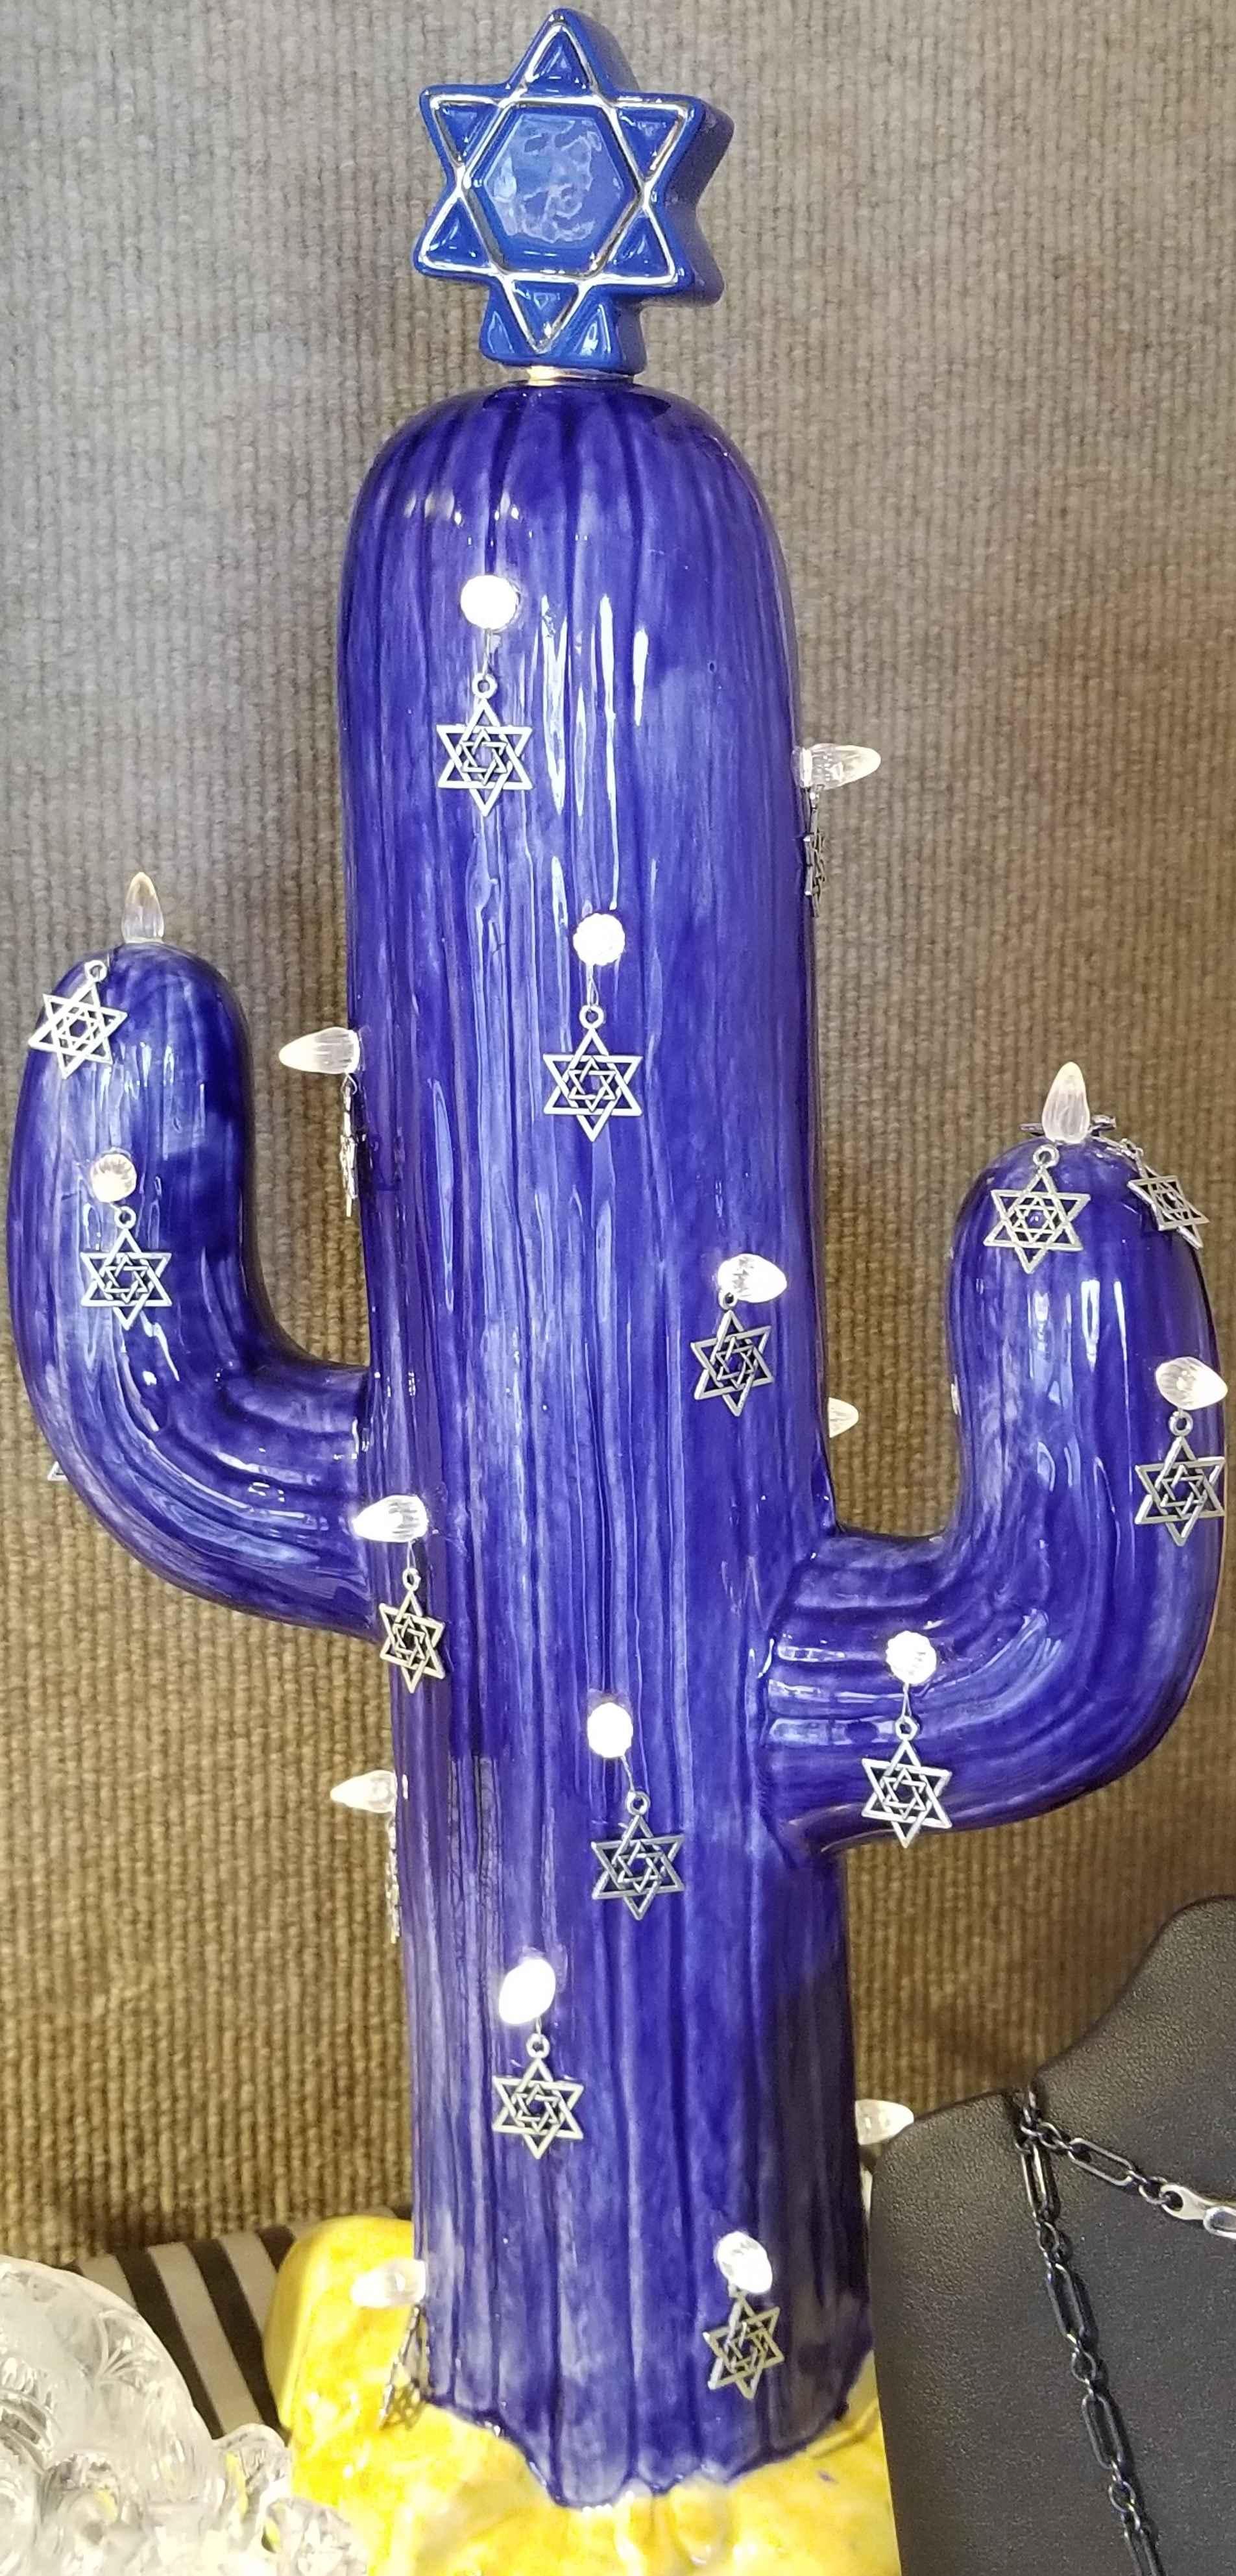 Hanukkah Cactus Lamp by  Joe Chaffee - Masterpiece Online